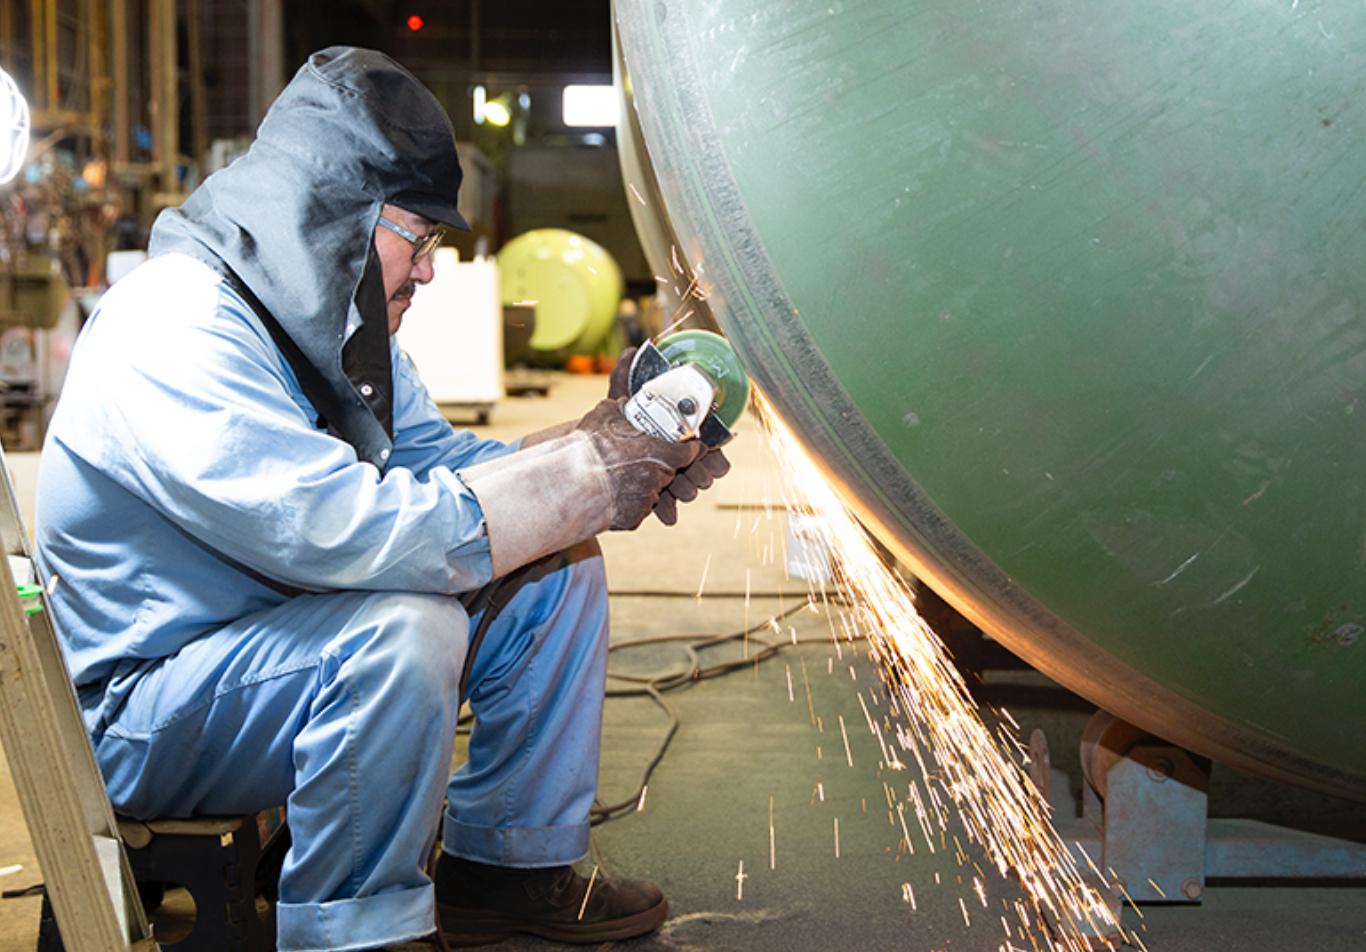 バルク貯槽を製造するニイミ産業社員